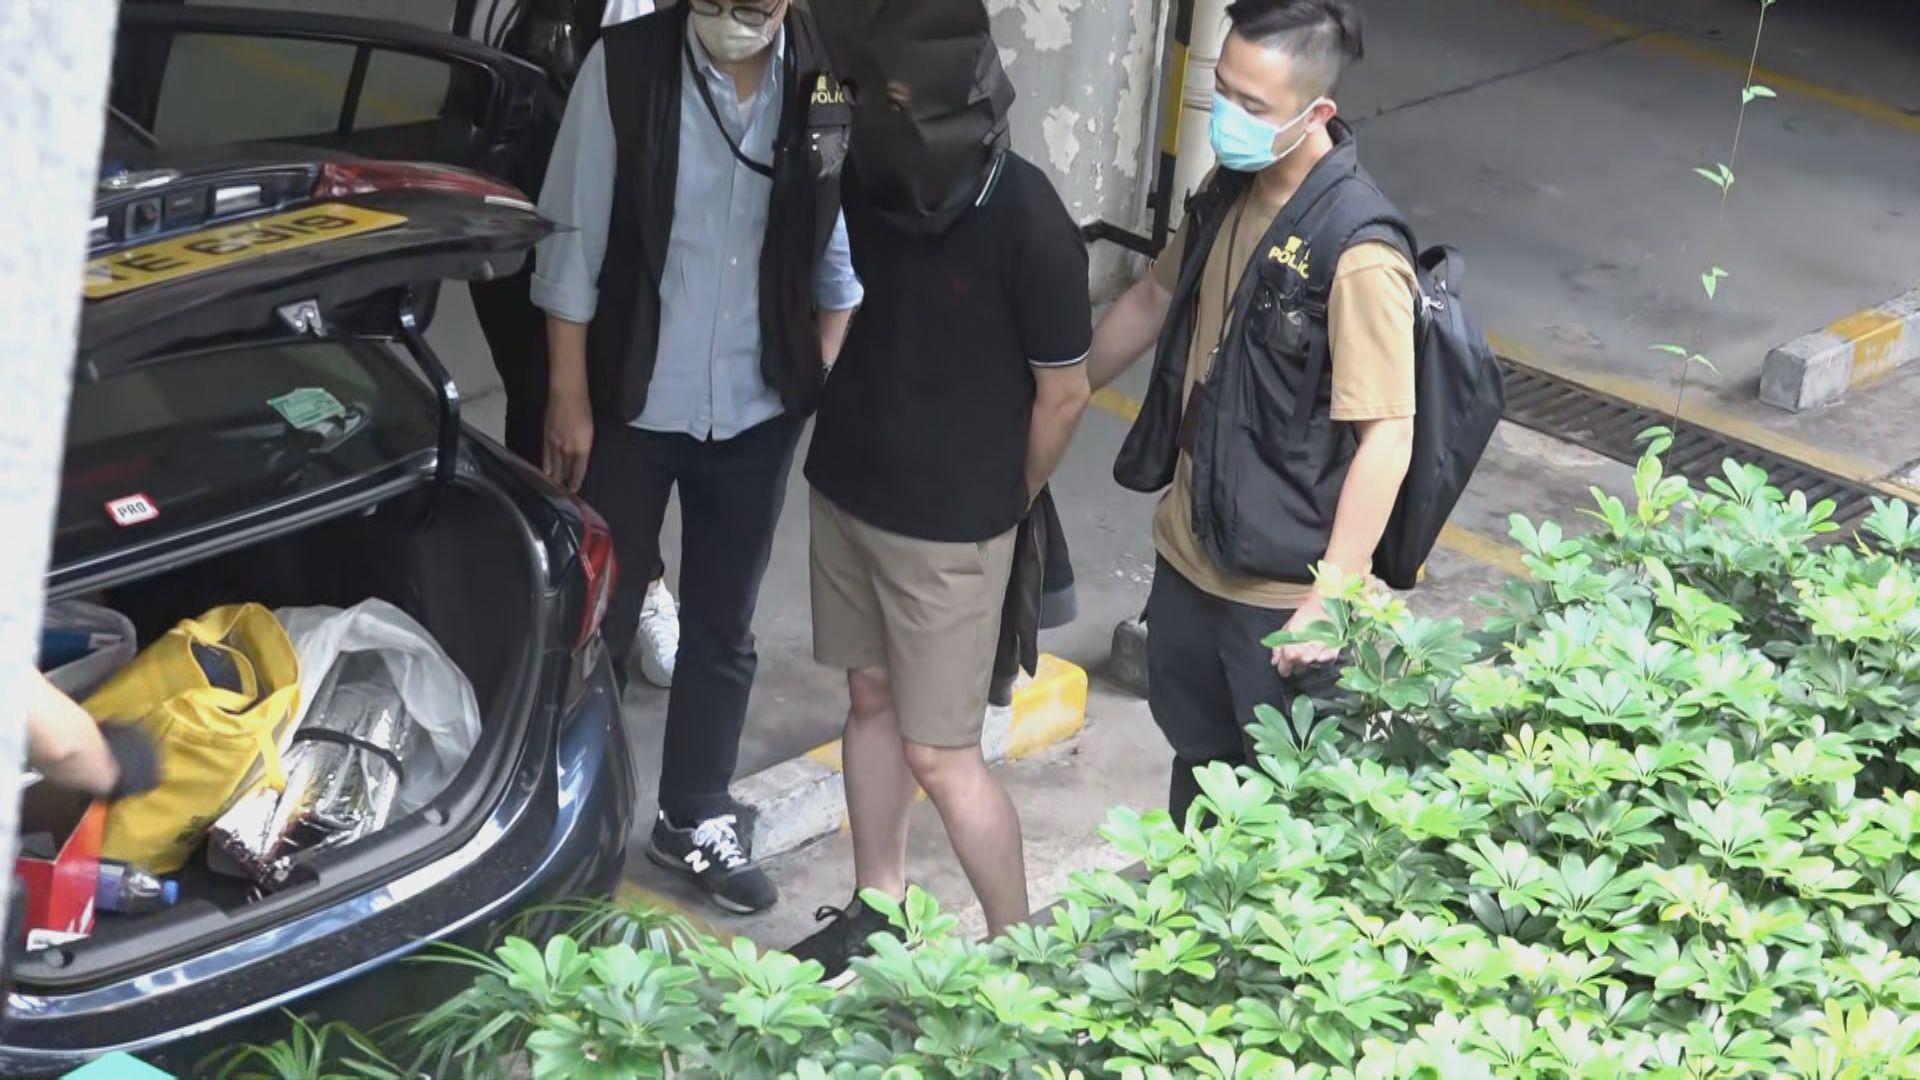 國安處再拘5人疑涉「光城者」案 包括3名學生